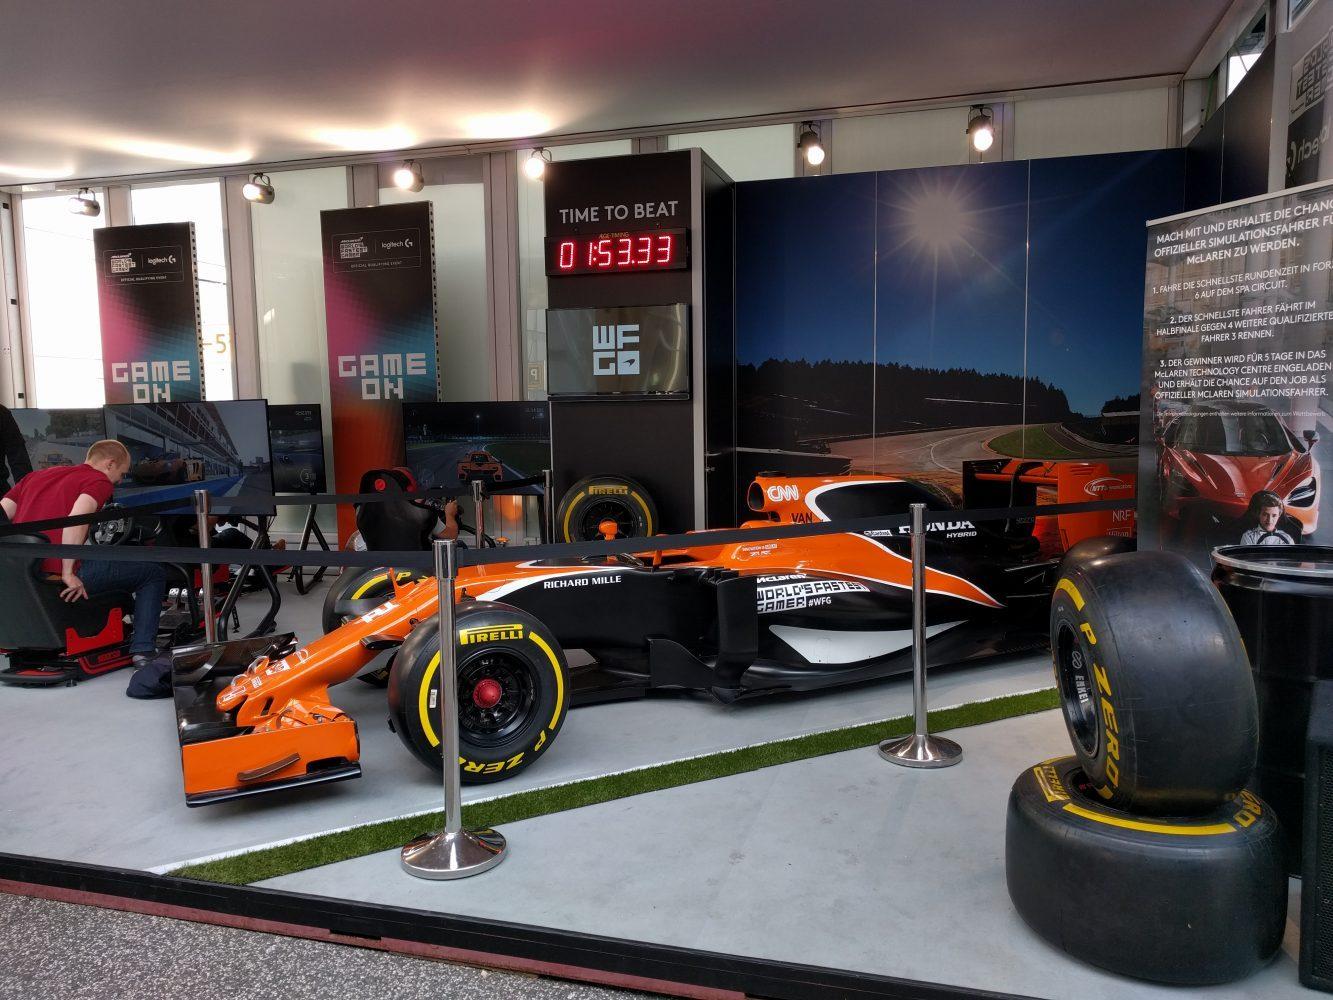 Links sind die Gaming-Setups bestehend aus Logitech-Lenkrädern, Sparco-Sitzen und PCs mit installiertem Forza 6 aufgebaut gewesen, rechts konnte man sich ein Formel-1 Promo-Auto von McLaren ansehen. (Foto: Hendrik Laudemann)